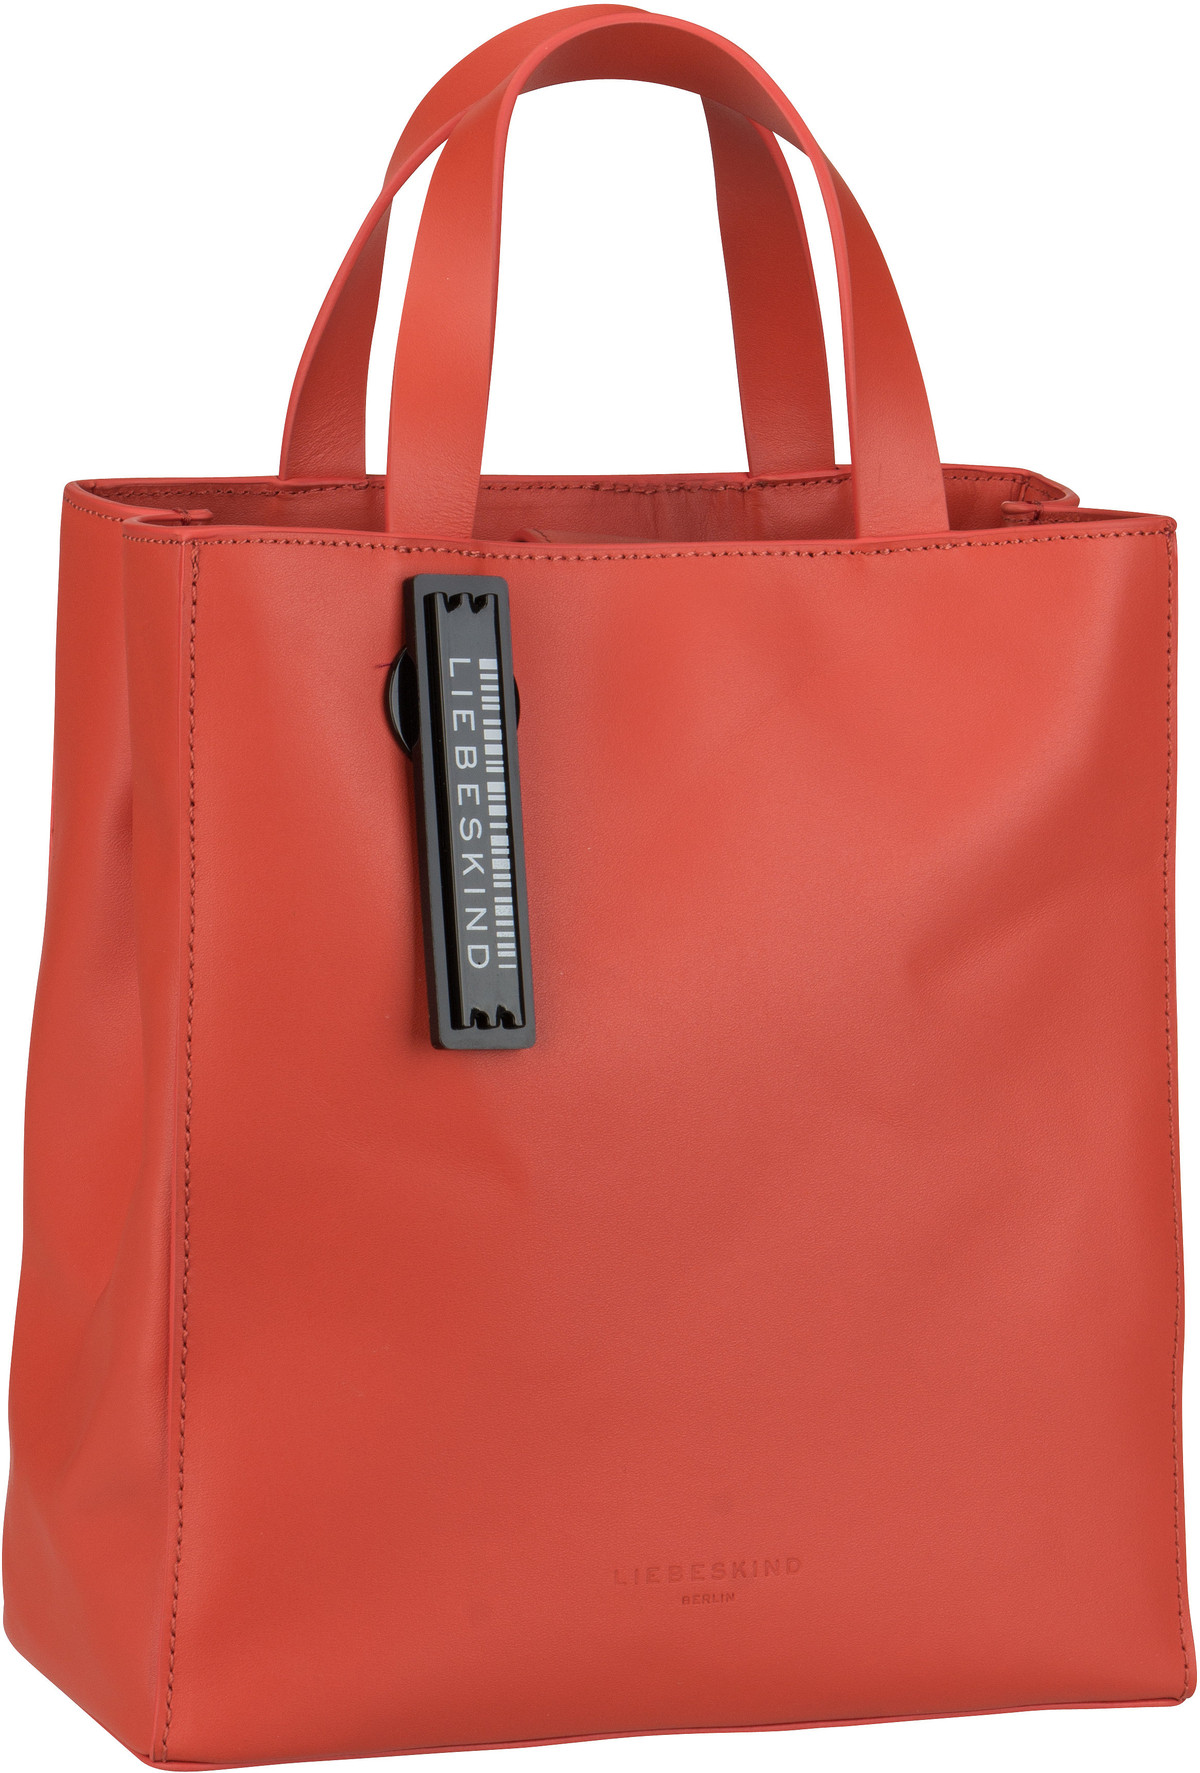 Berlin Handtasche Paper Bag Tote S Poppy Red